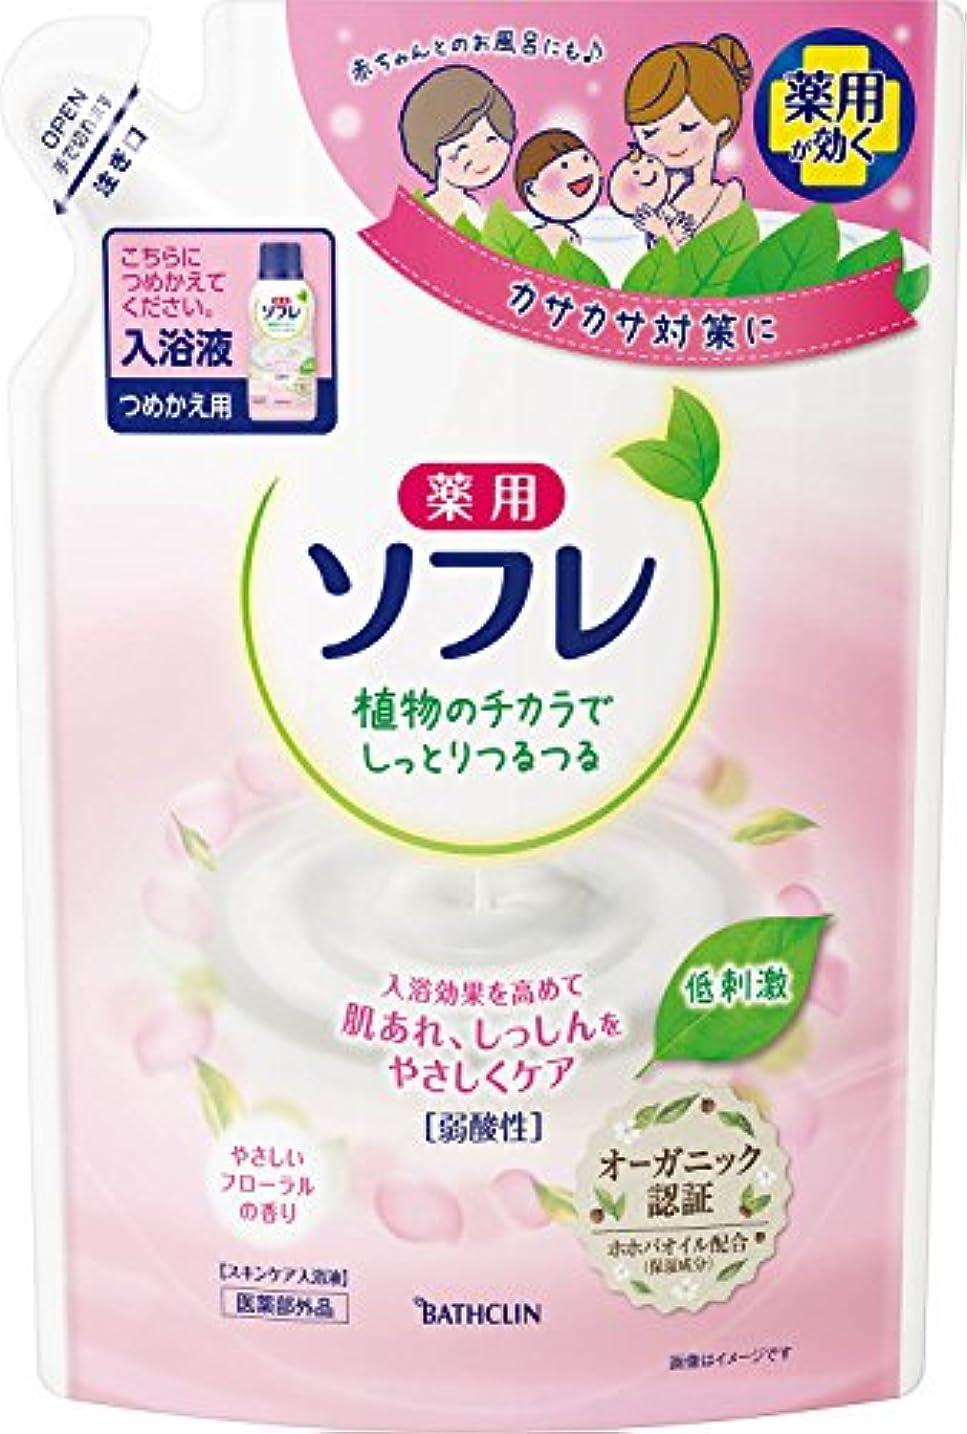 区別するゴシップ構造的【医薬部外品】薬用ソフレ スキンケア入浴剤 やさしいフローラルの香り つめかえ用 600ml 入浴剤(赤ちゃんと一緒に使えます) 保湿タイプ